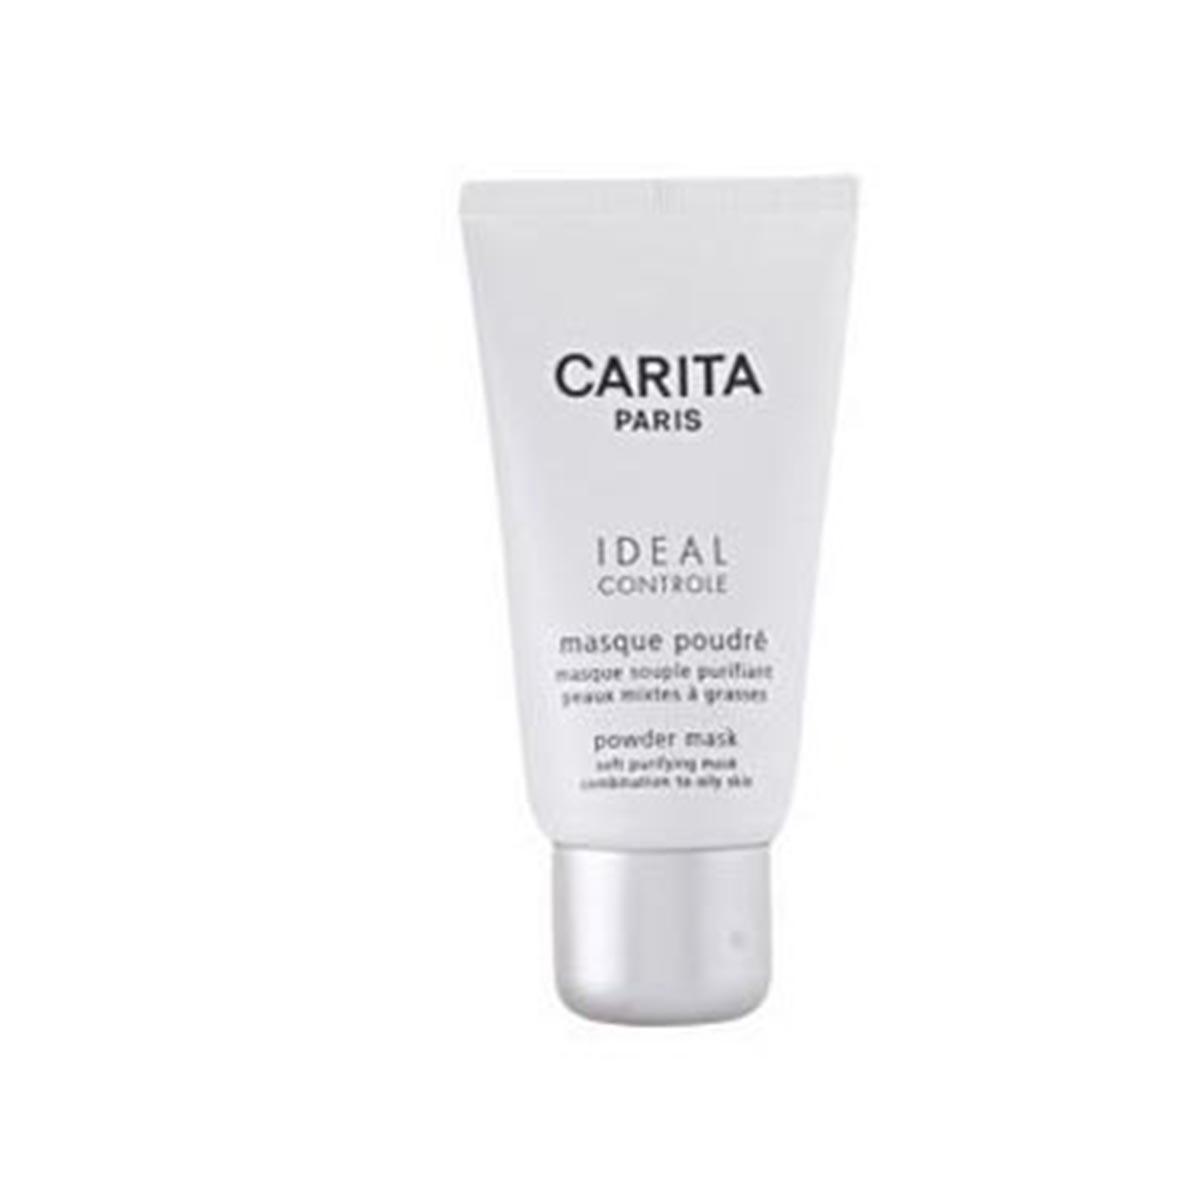 Carita ideal controle masque poudre 50ml